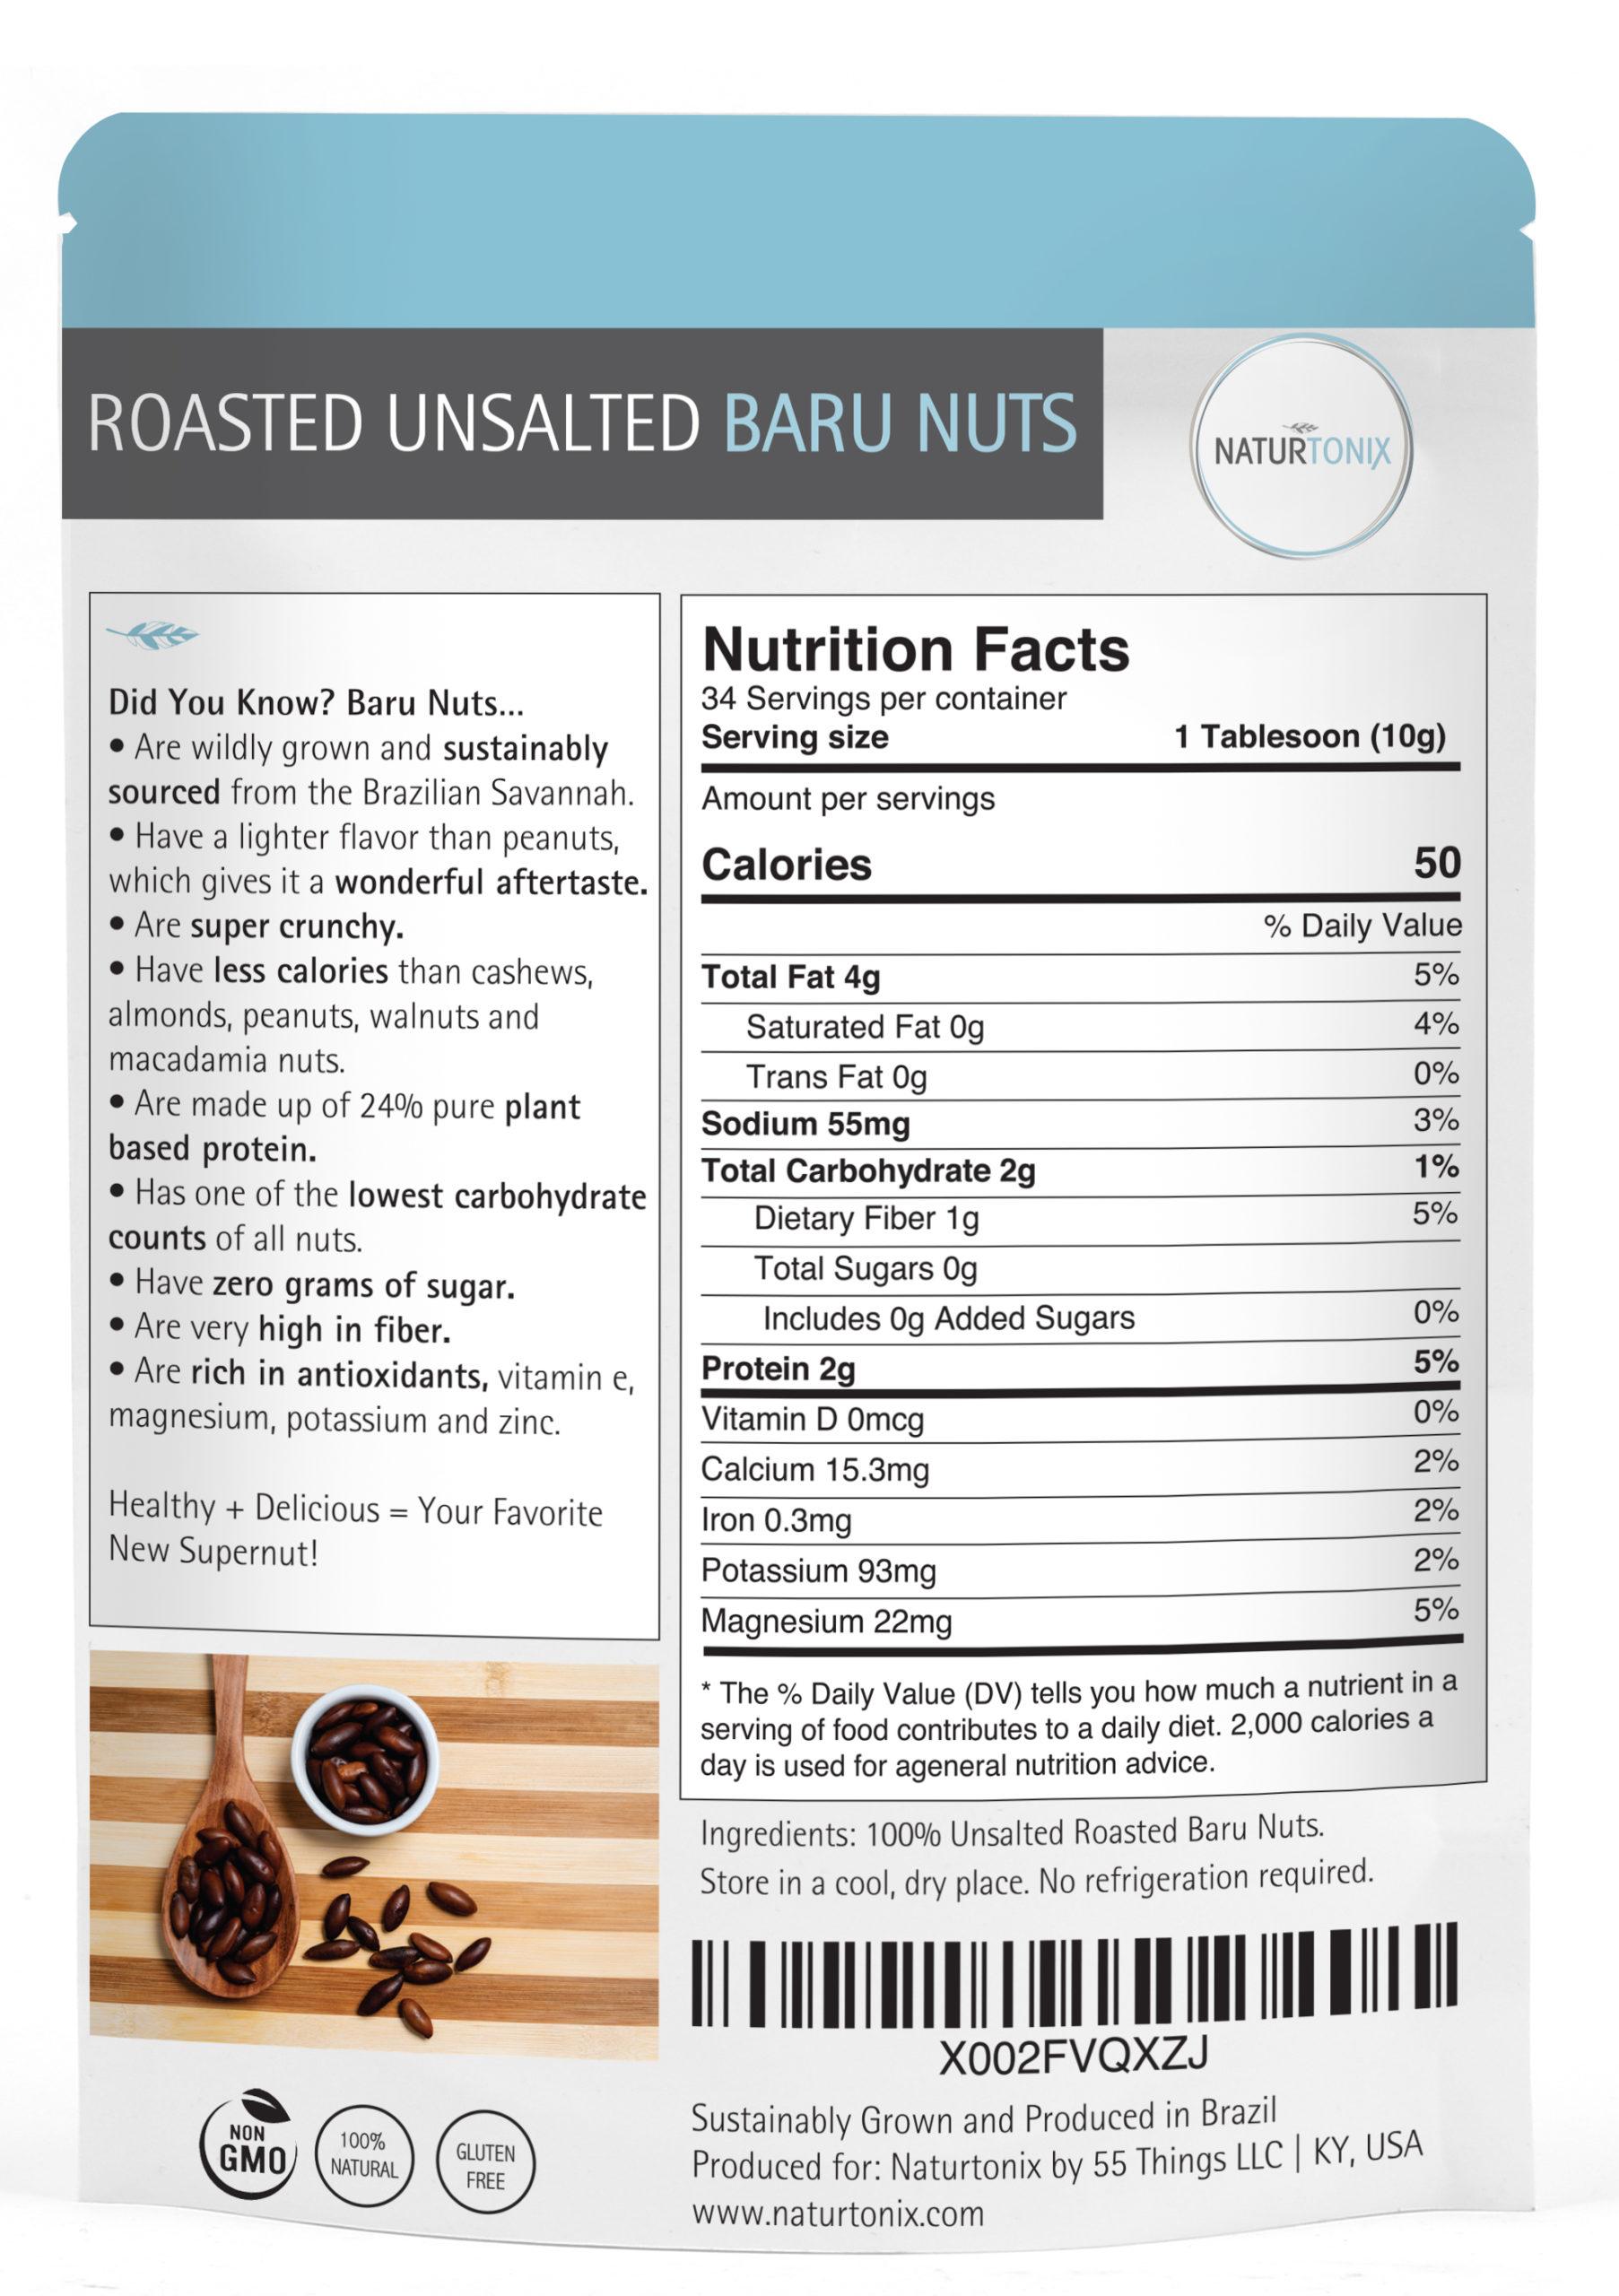 Naturtonix Baru Nuts Details